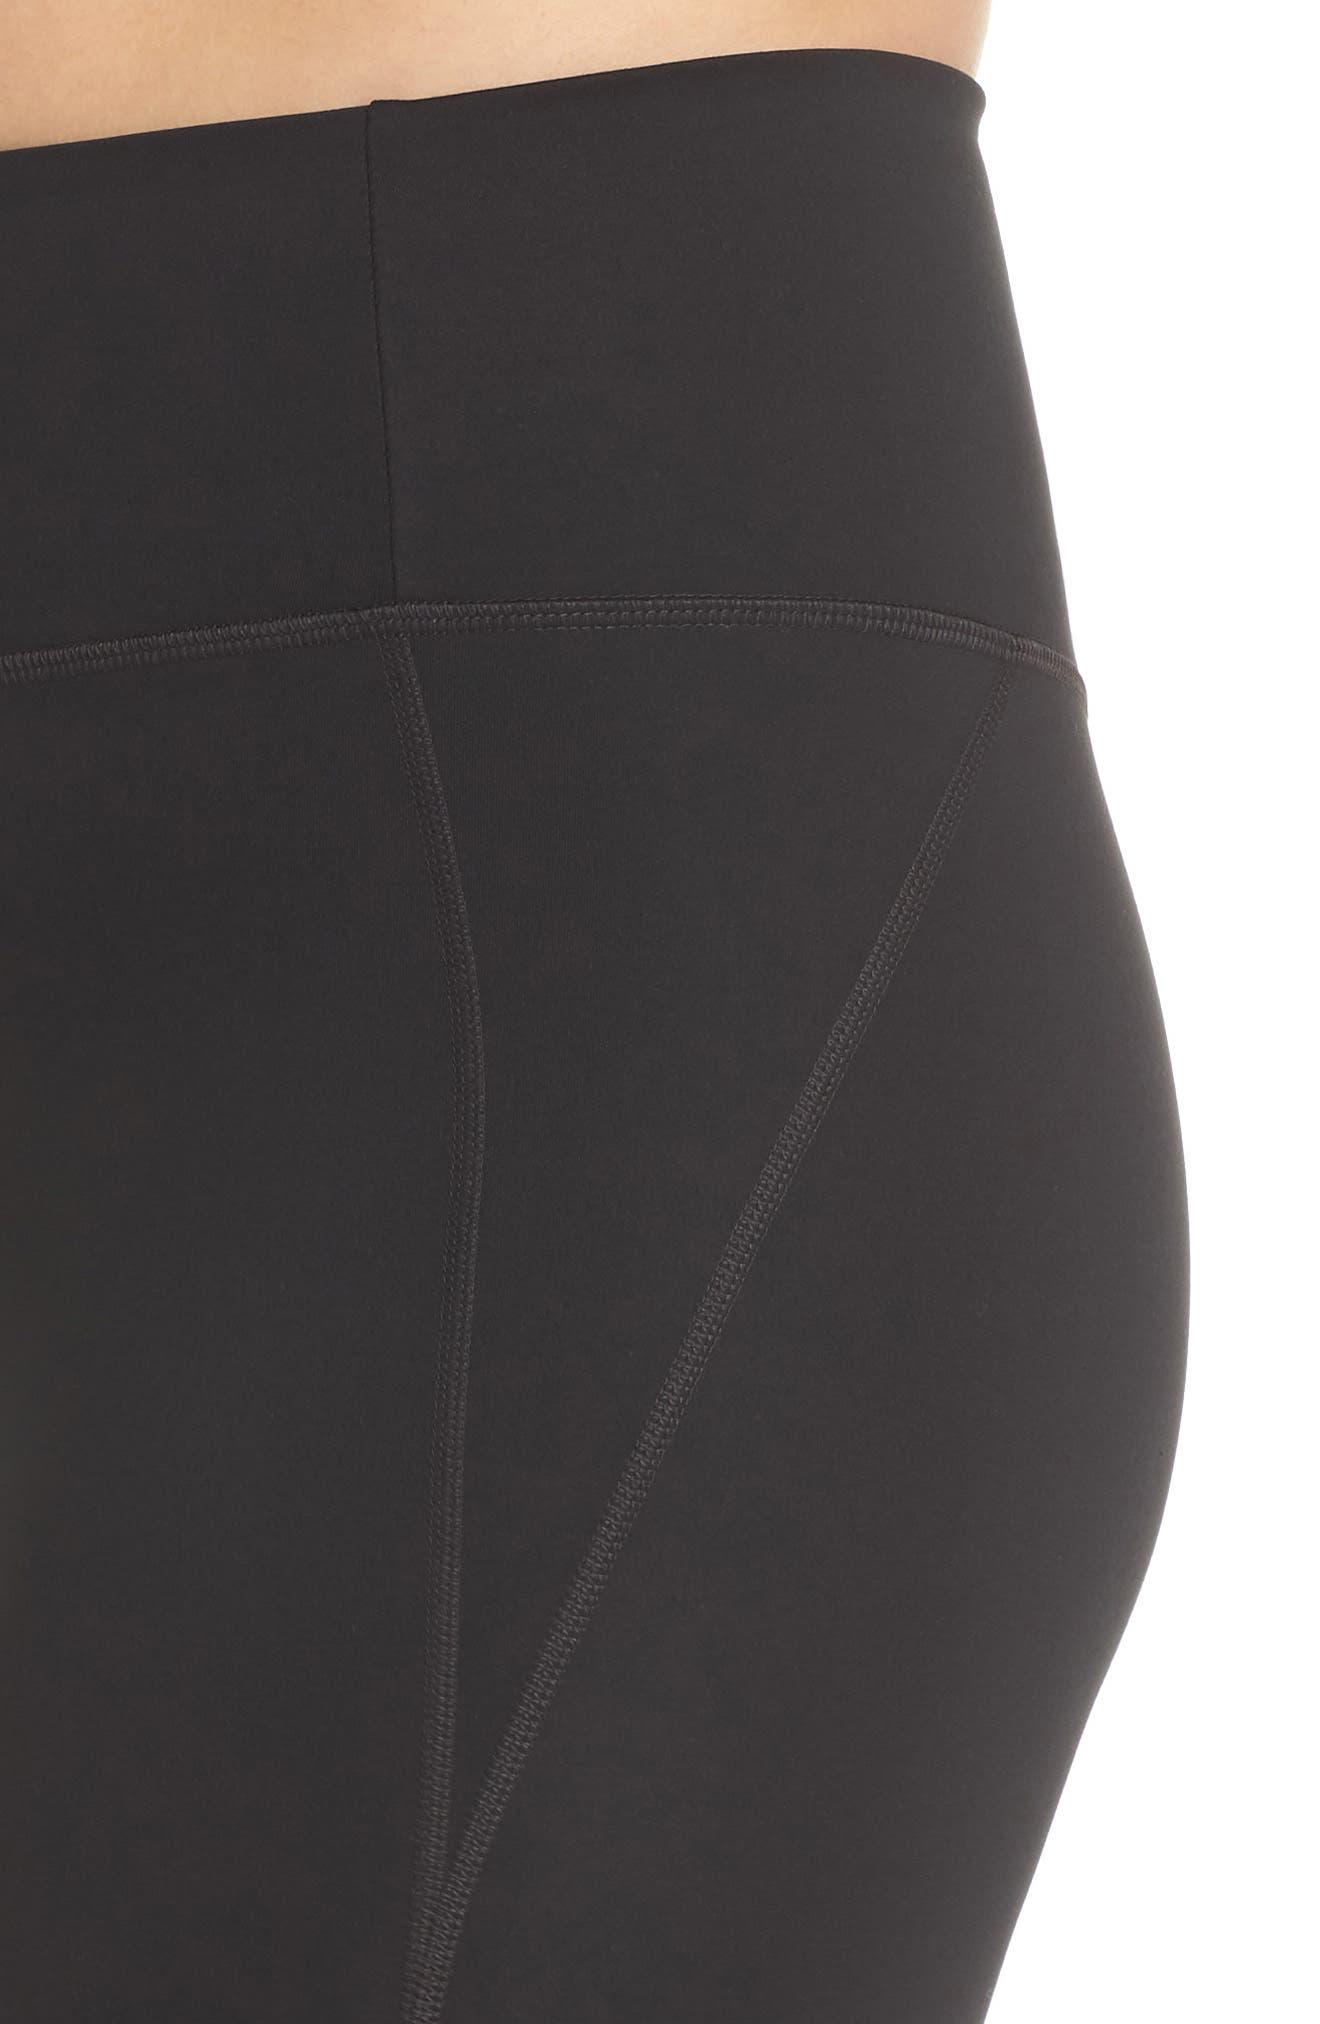 High Waist Full Length Leggings,                             Alternate thumbnail 11, color,                             BLACK